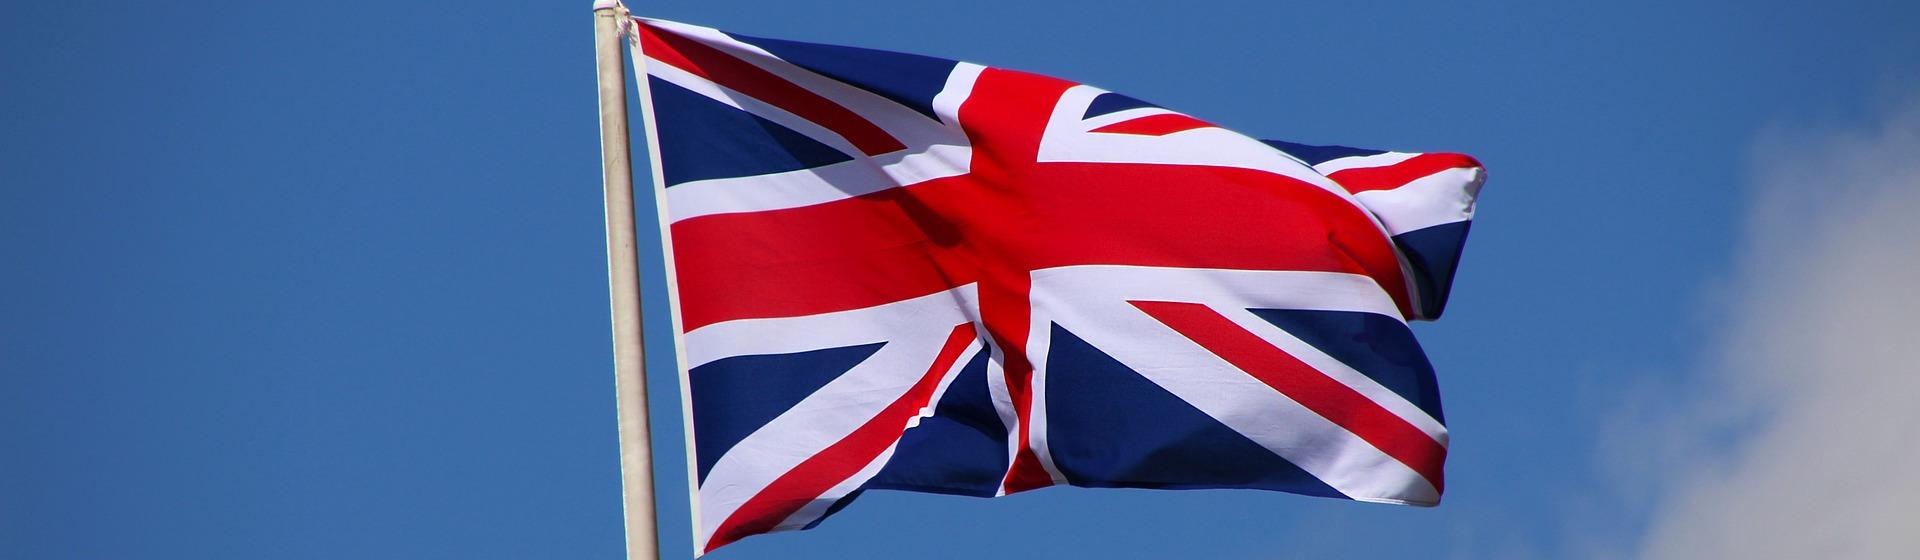 The Best British Brands